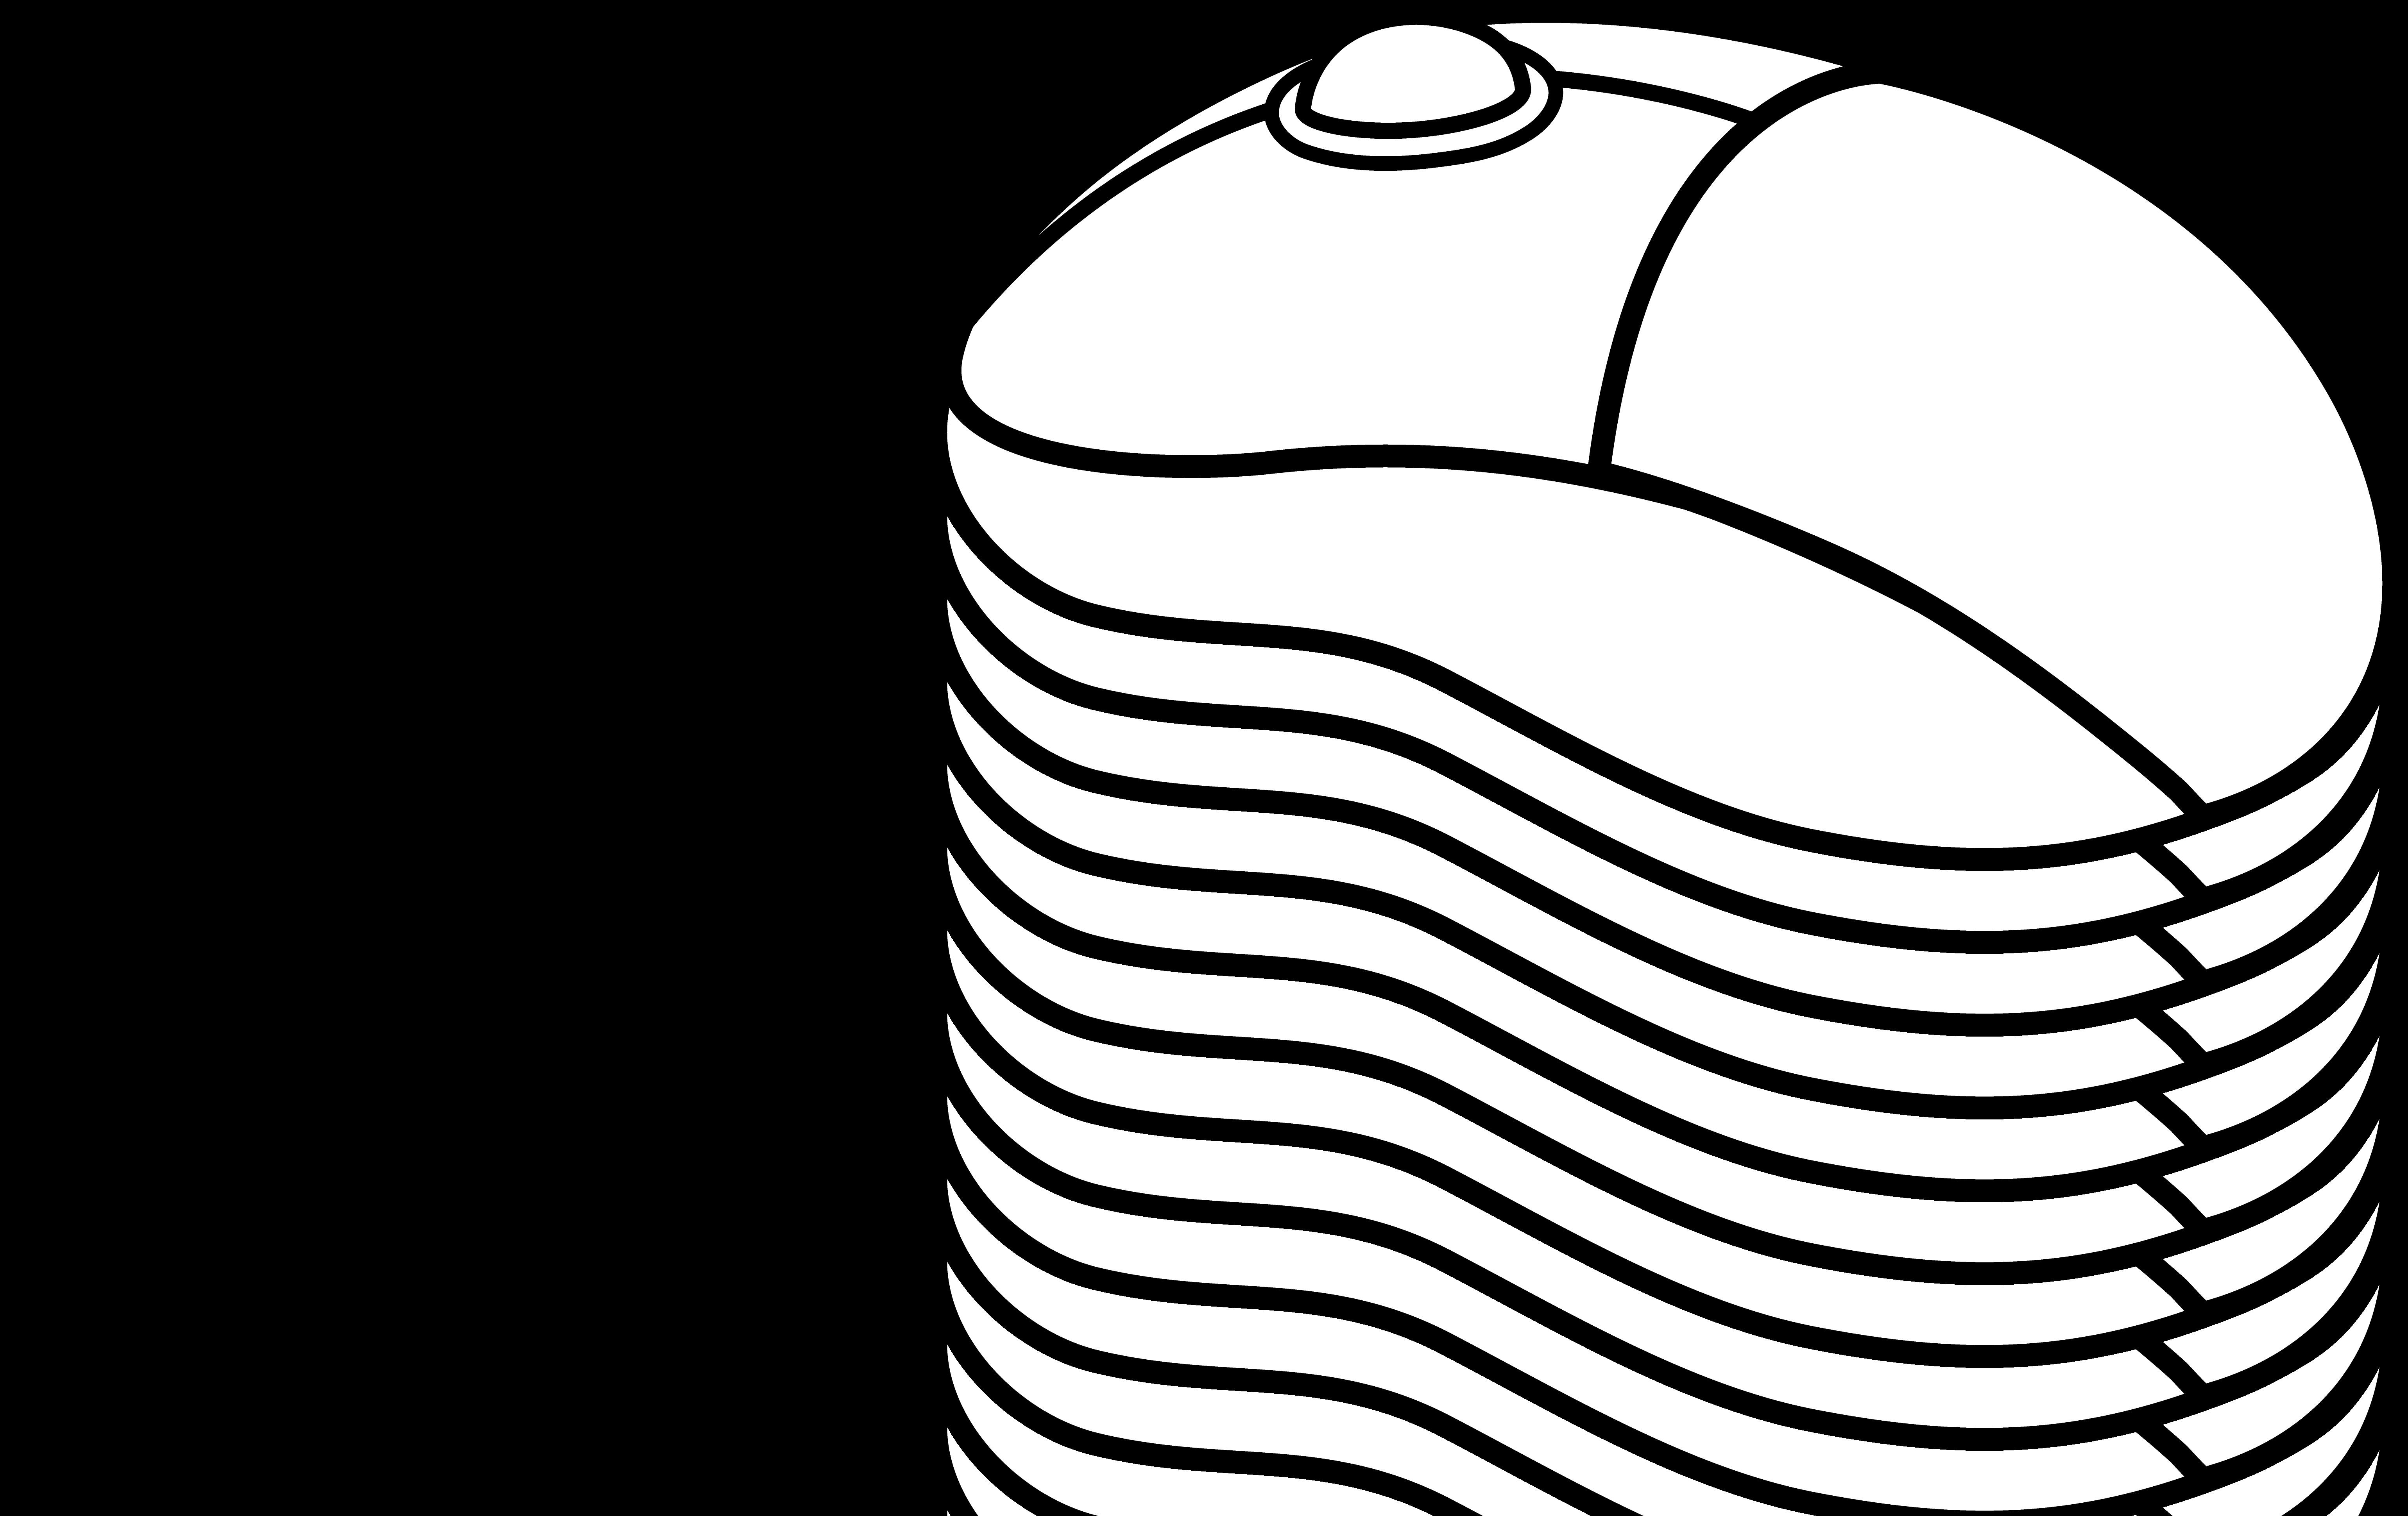 6161x3880 Computer Mouse Line Art